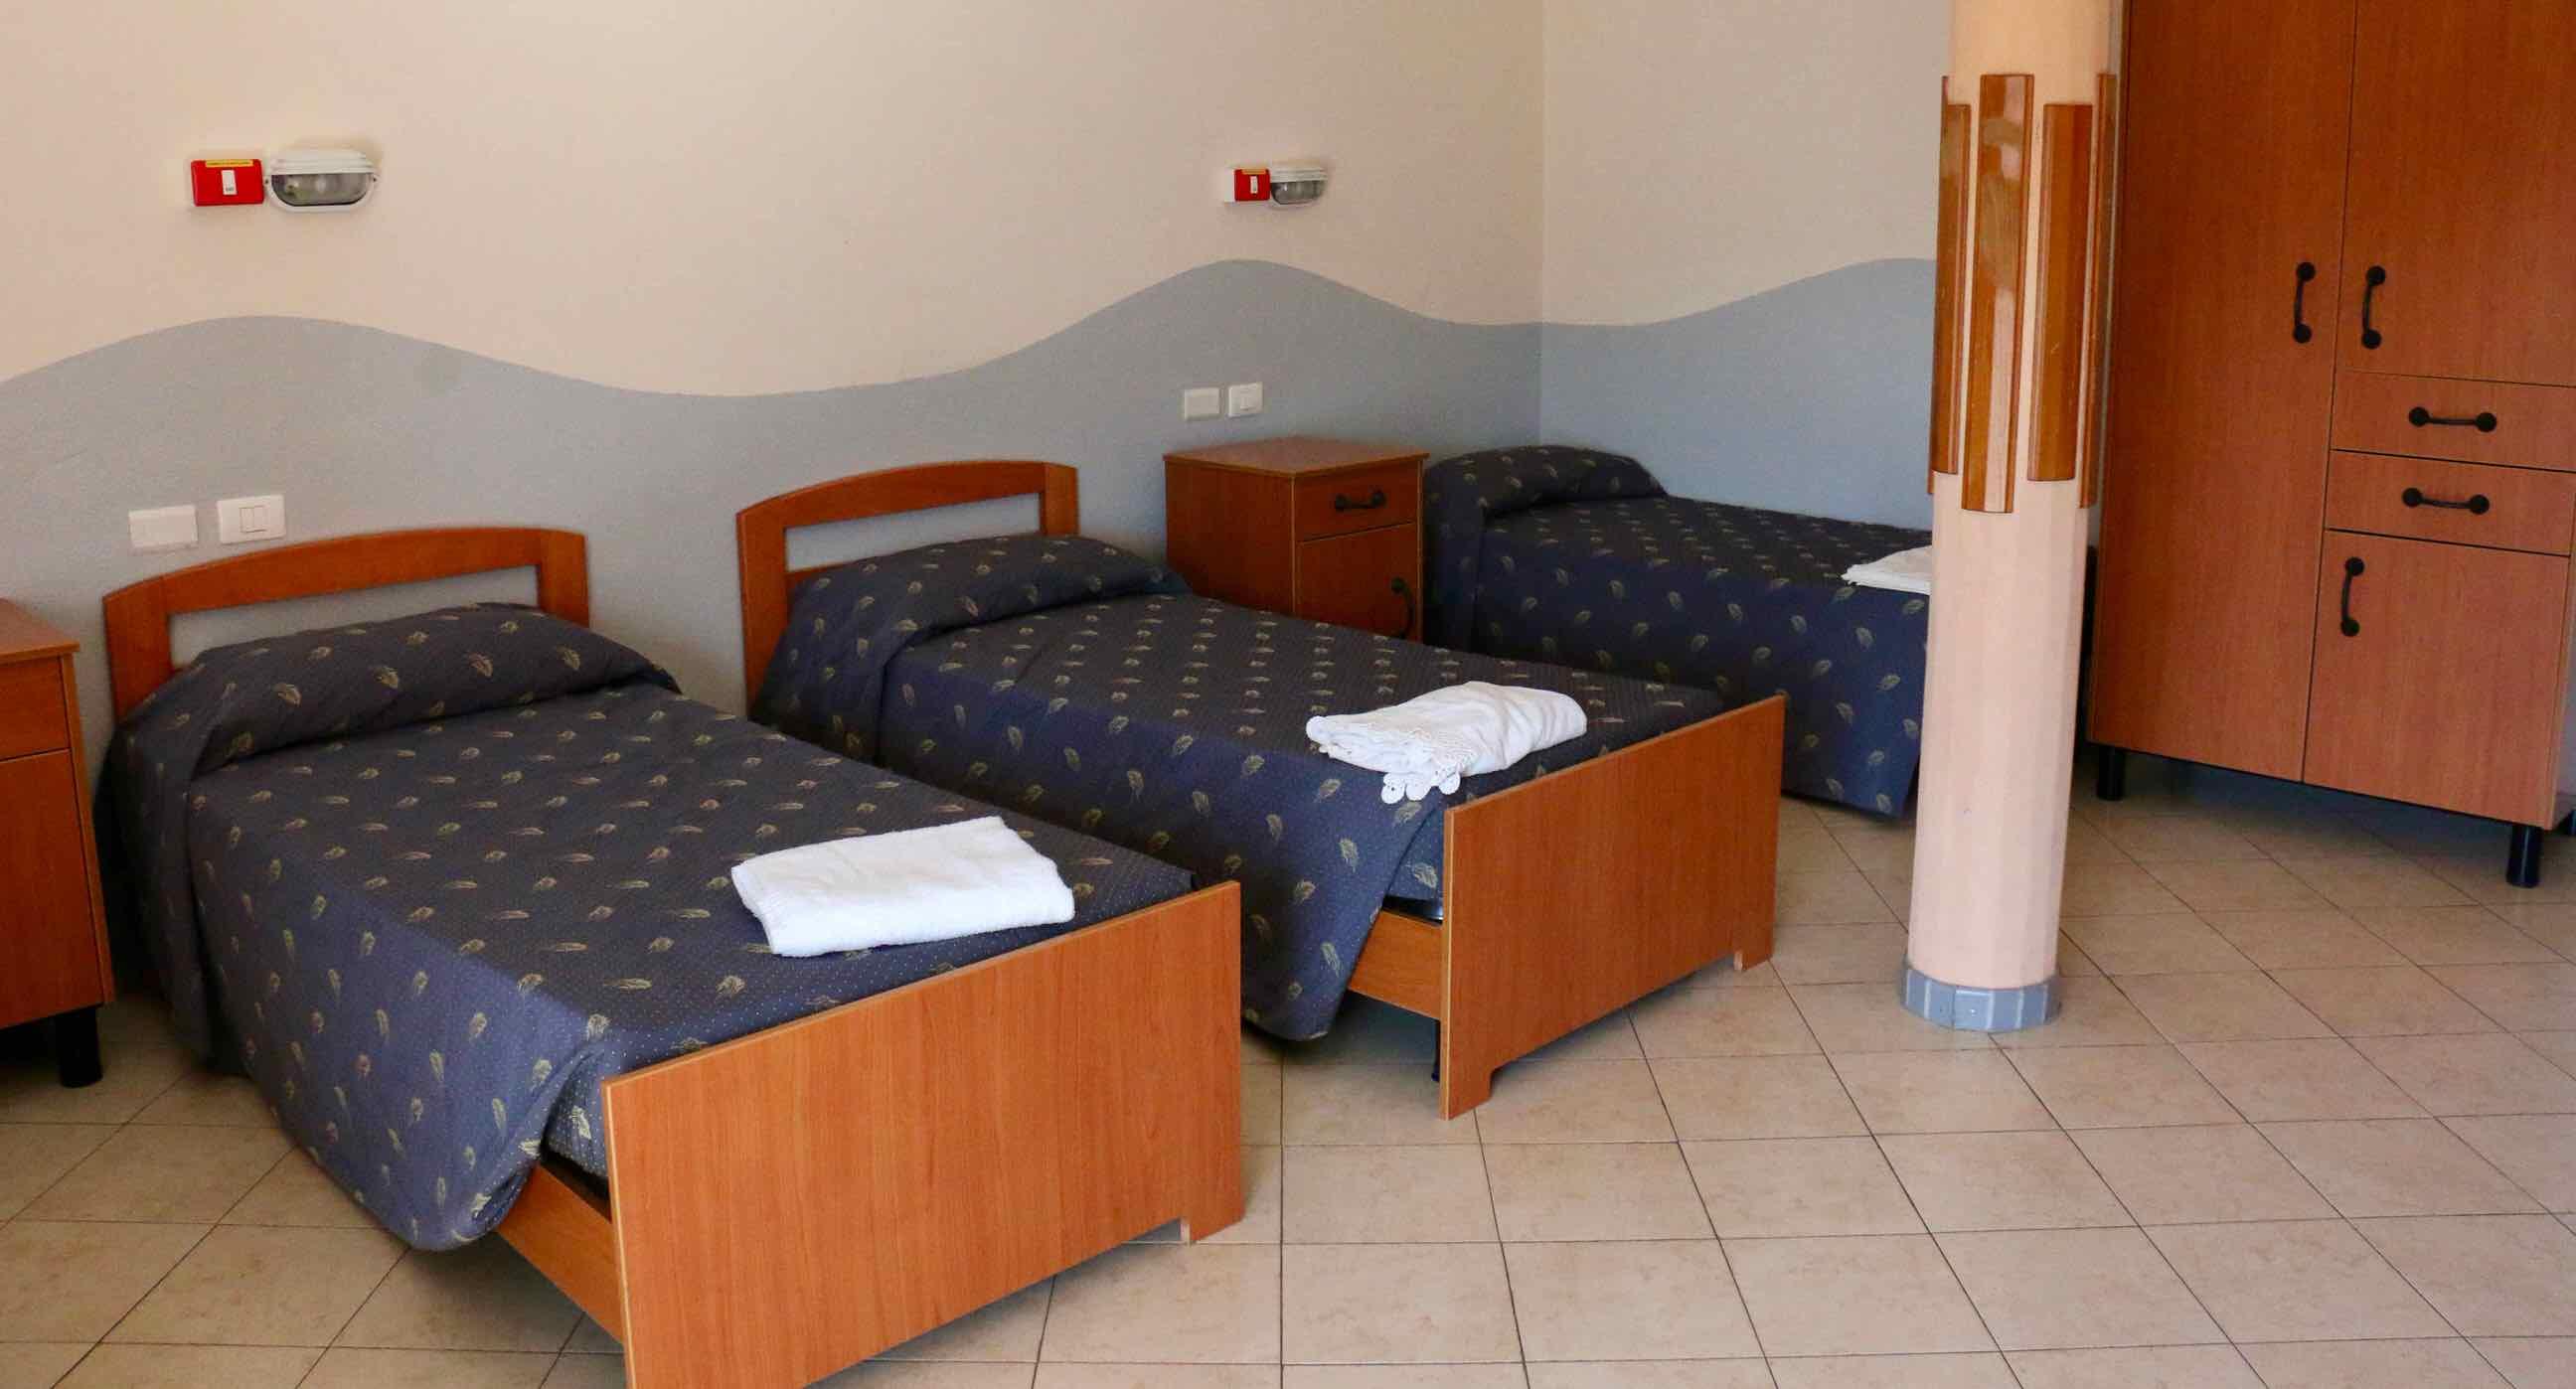 Casa per Ferie Villaggio Ospitale - Centro San Salvatore Villaggio del Ragazzo - 7